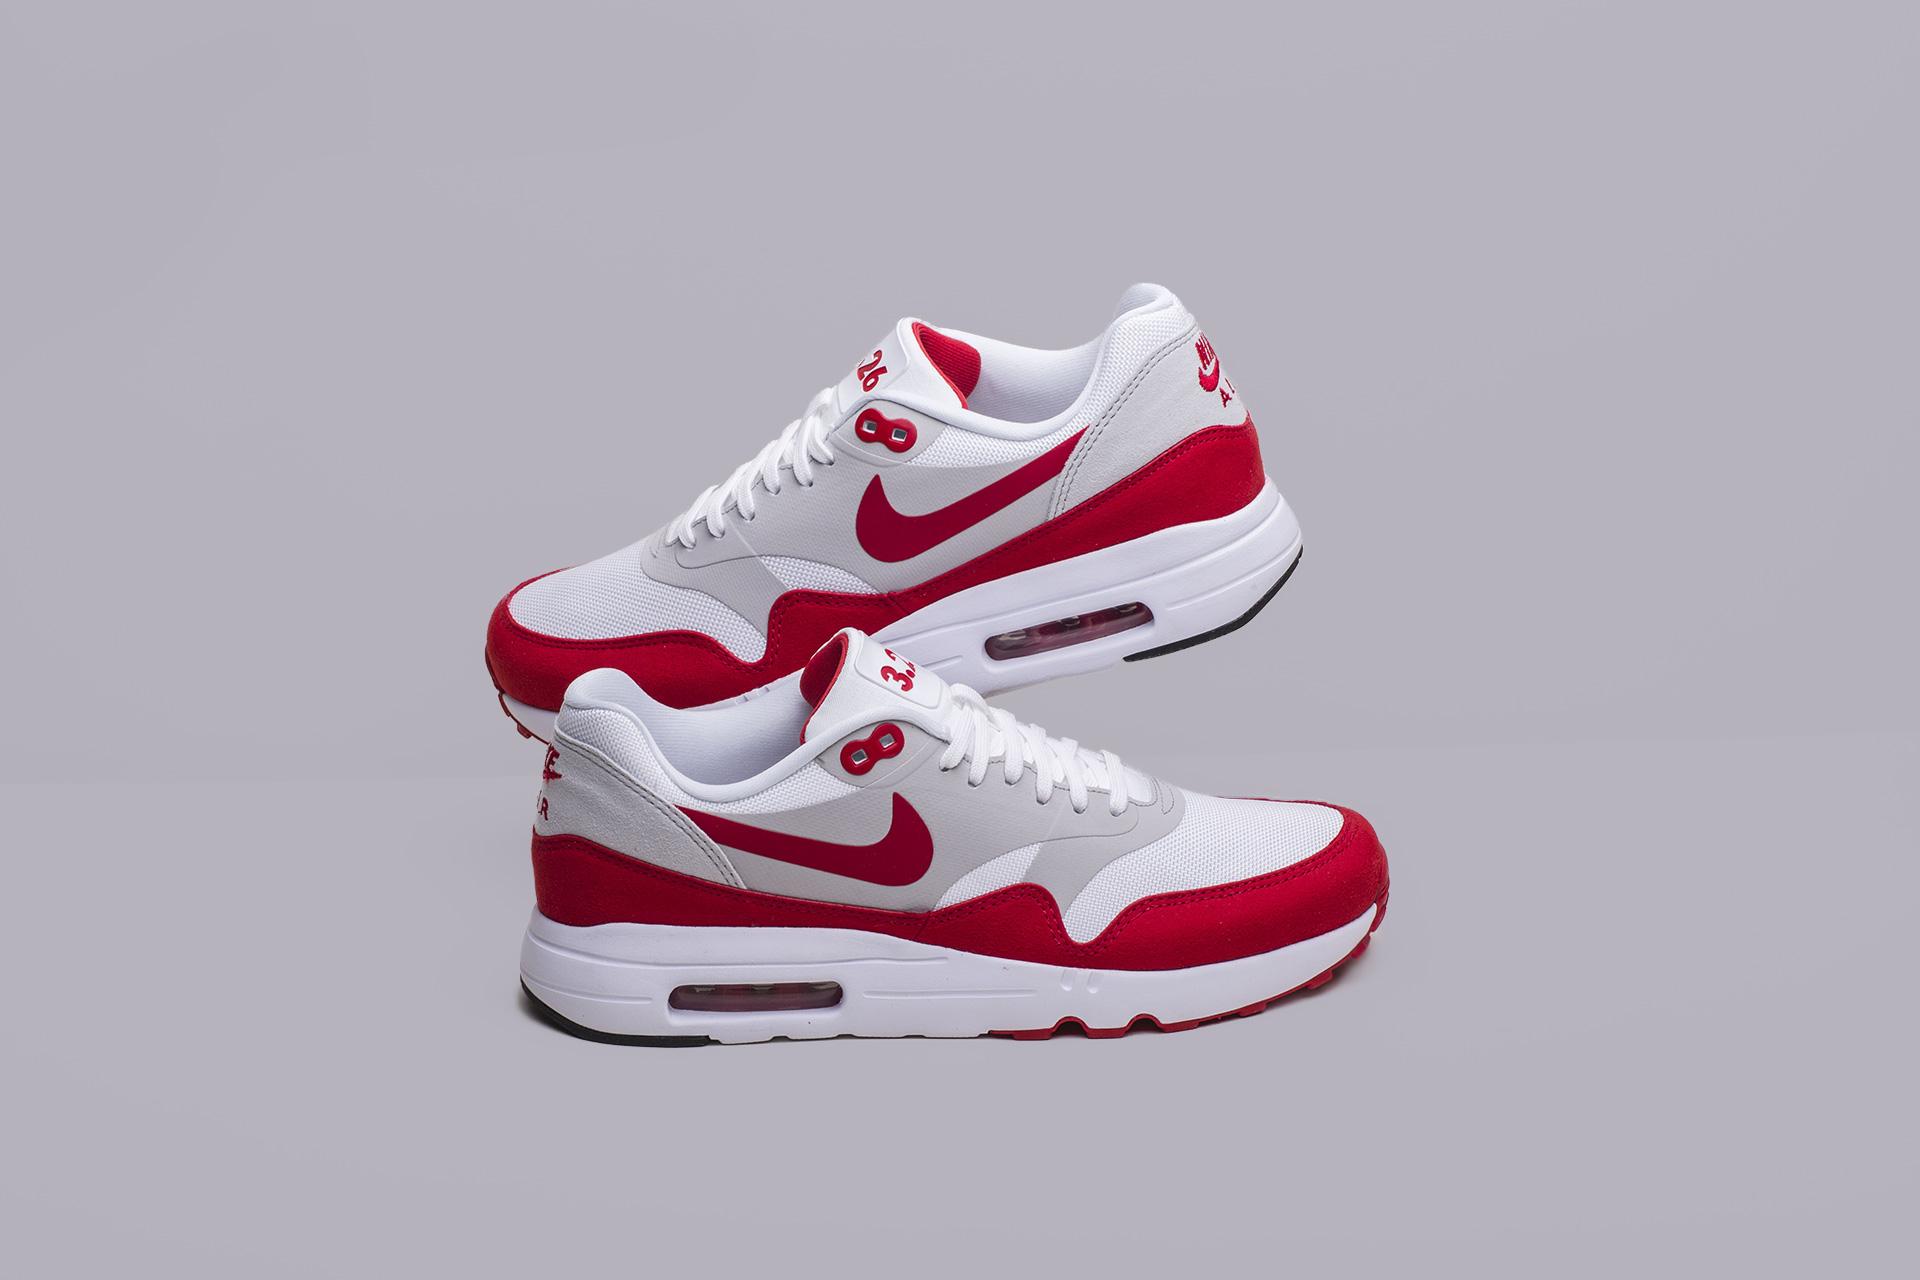 dd0868bf Купить белый красныые мужские кроссовки Air Max 1 Ultra 2.0 LE от ...